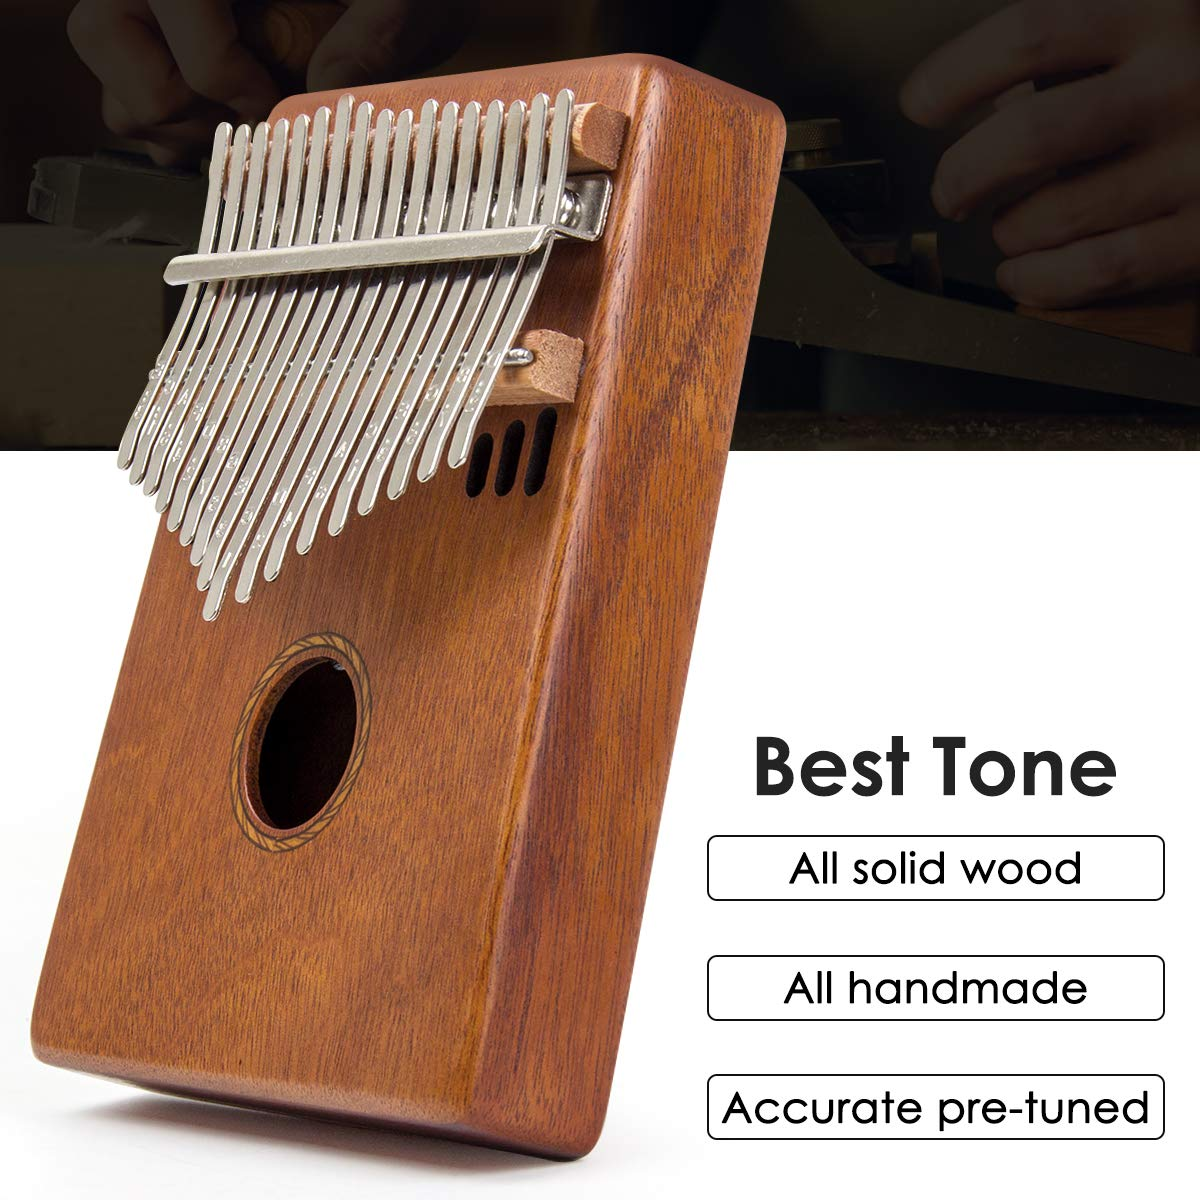 Kalimba 17 Key Finger Piano Marib Mahogany with Padded Gig Bag Tuner Hammer By Kmise by Kmise (Image #2)